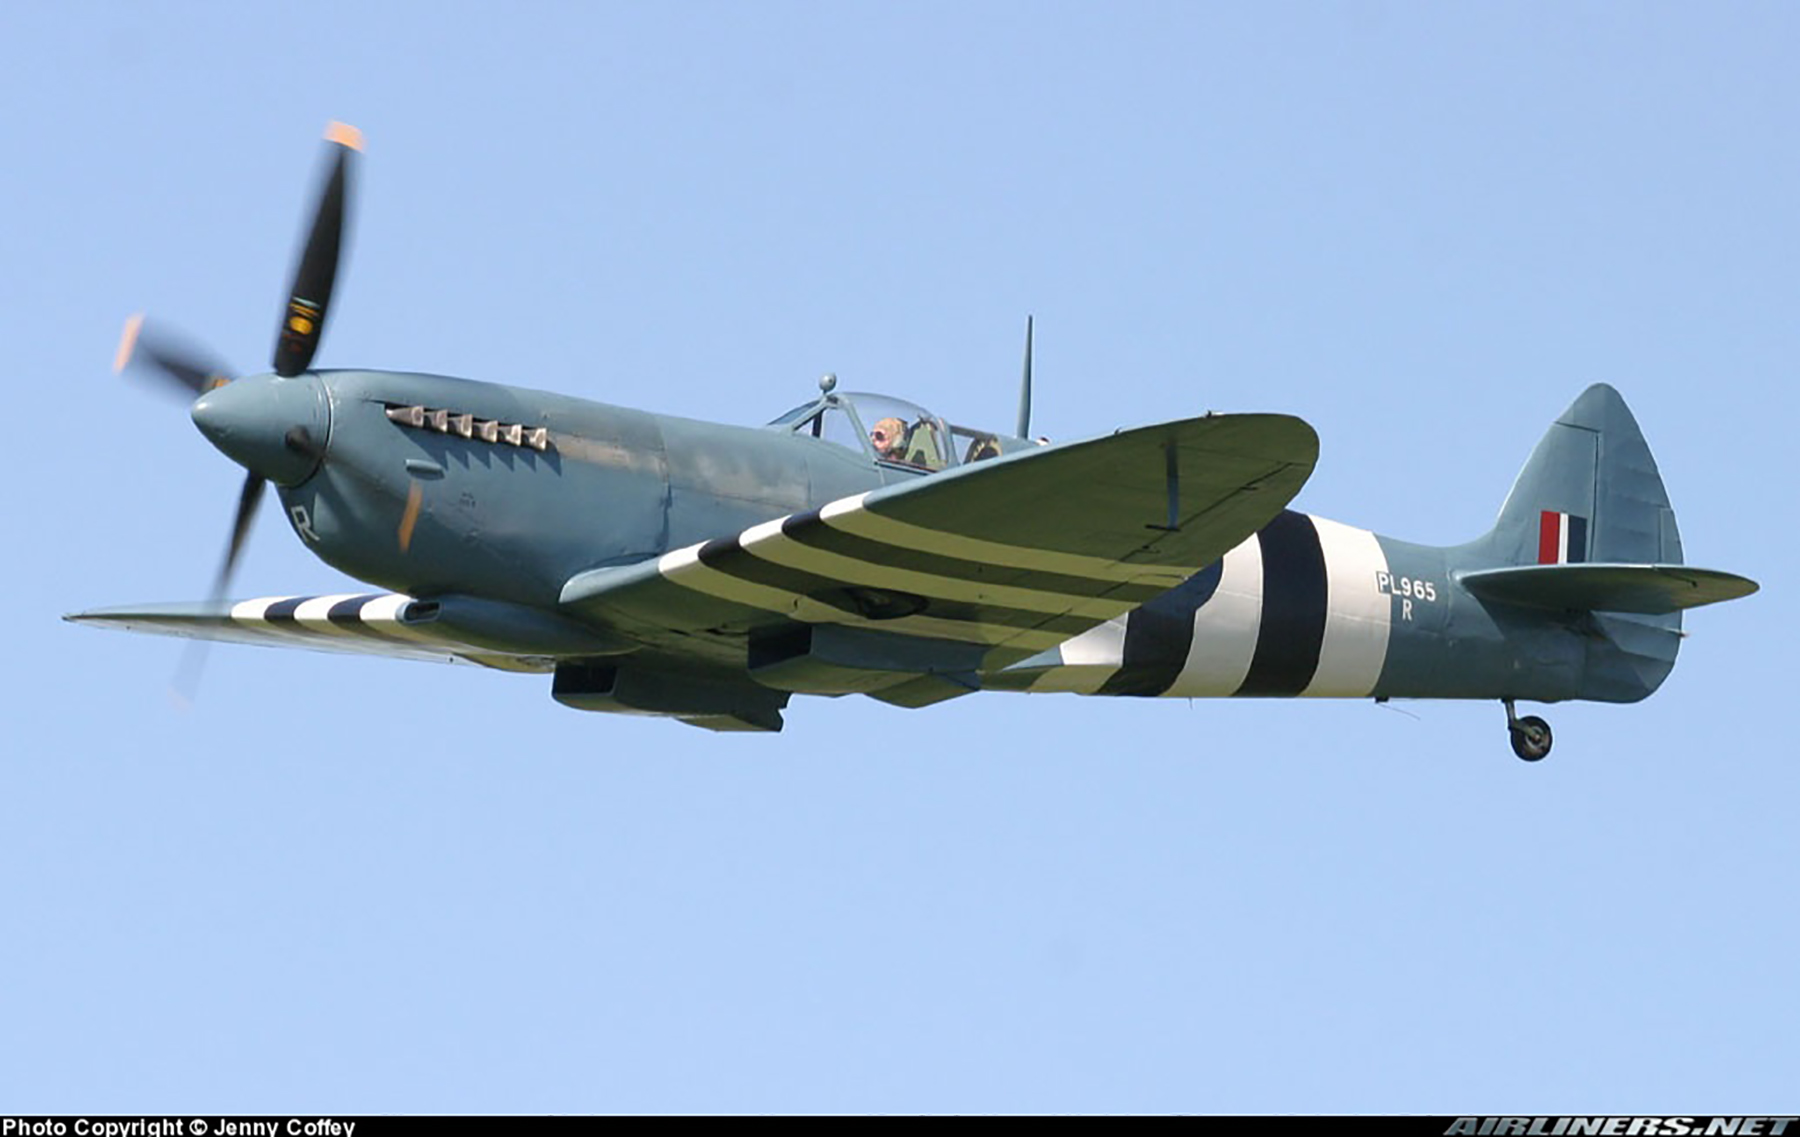 Airworthy Spitfire warbird PRXI RAF 16Sqn R PL965 37